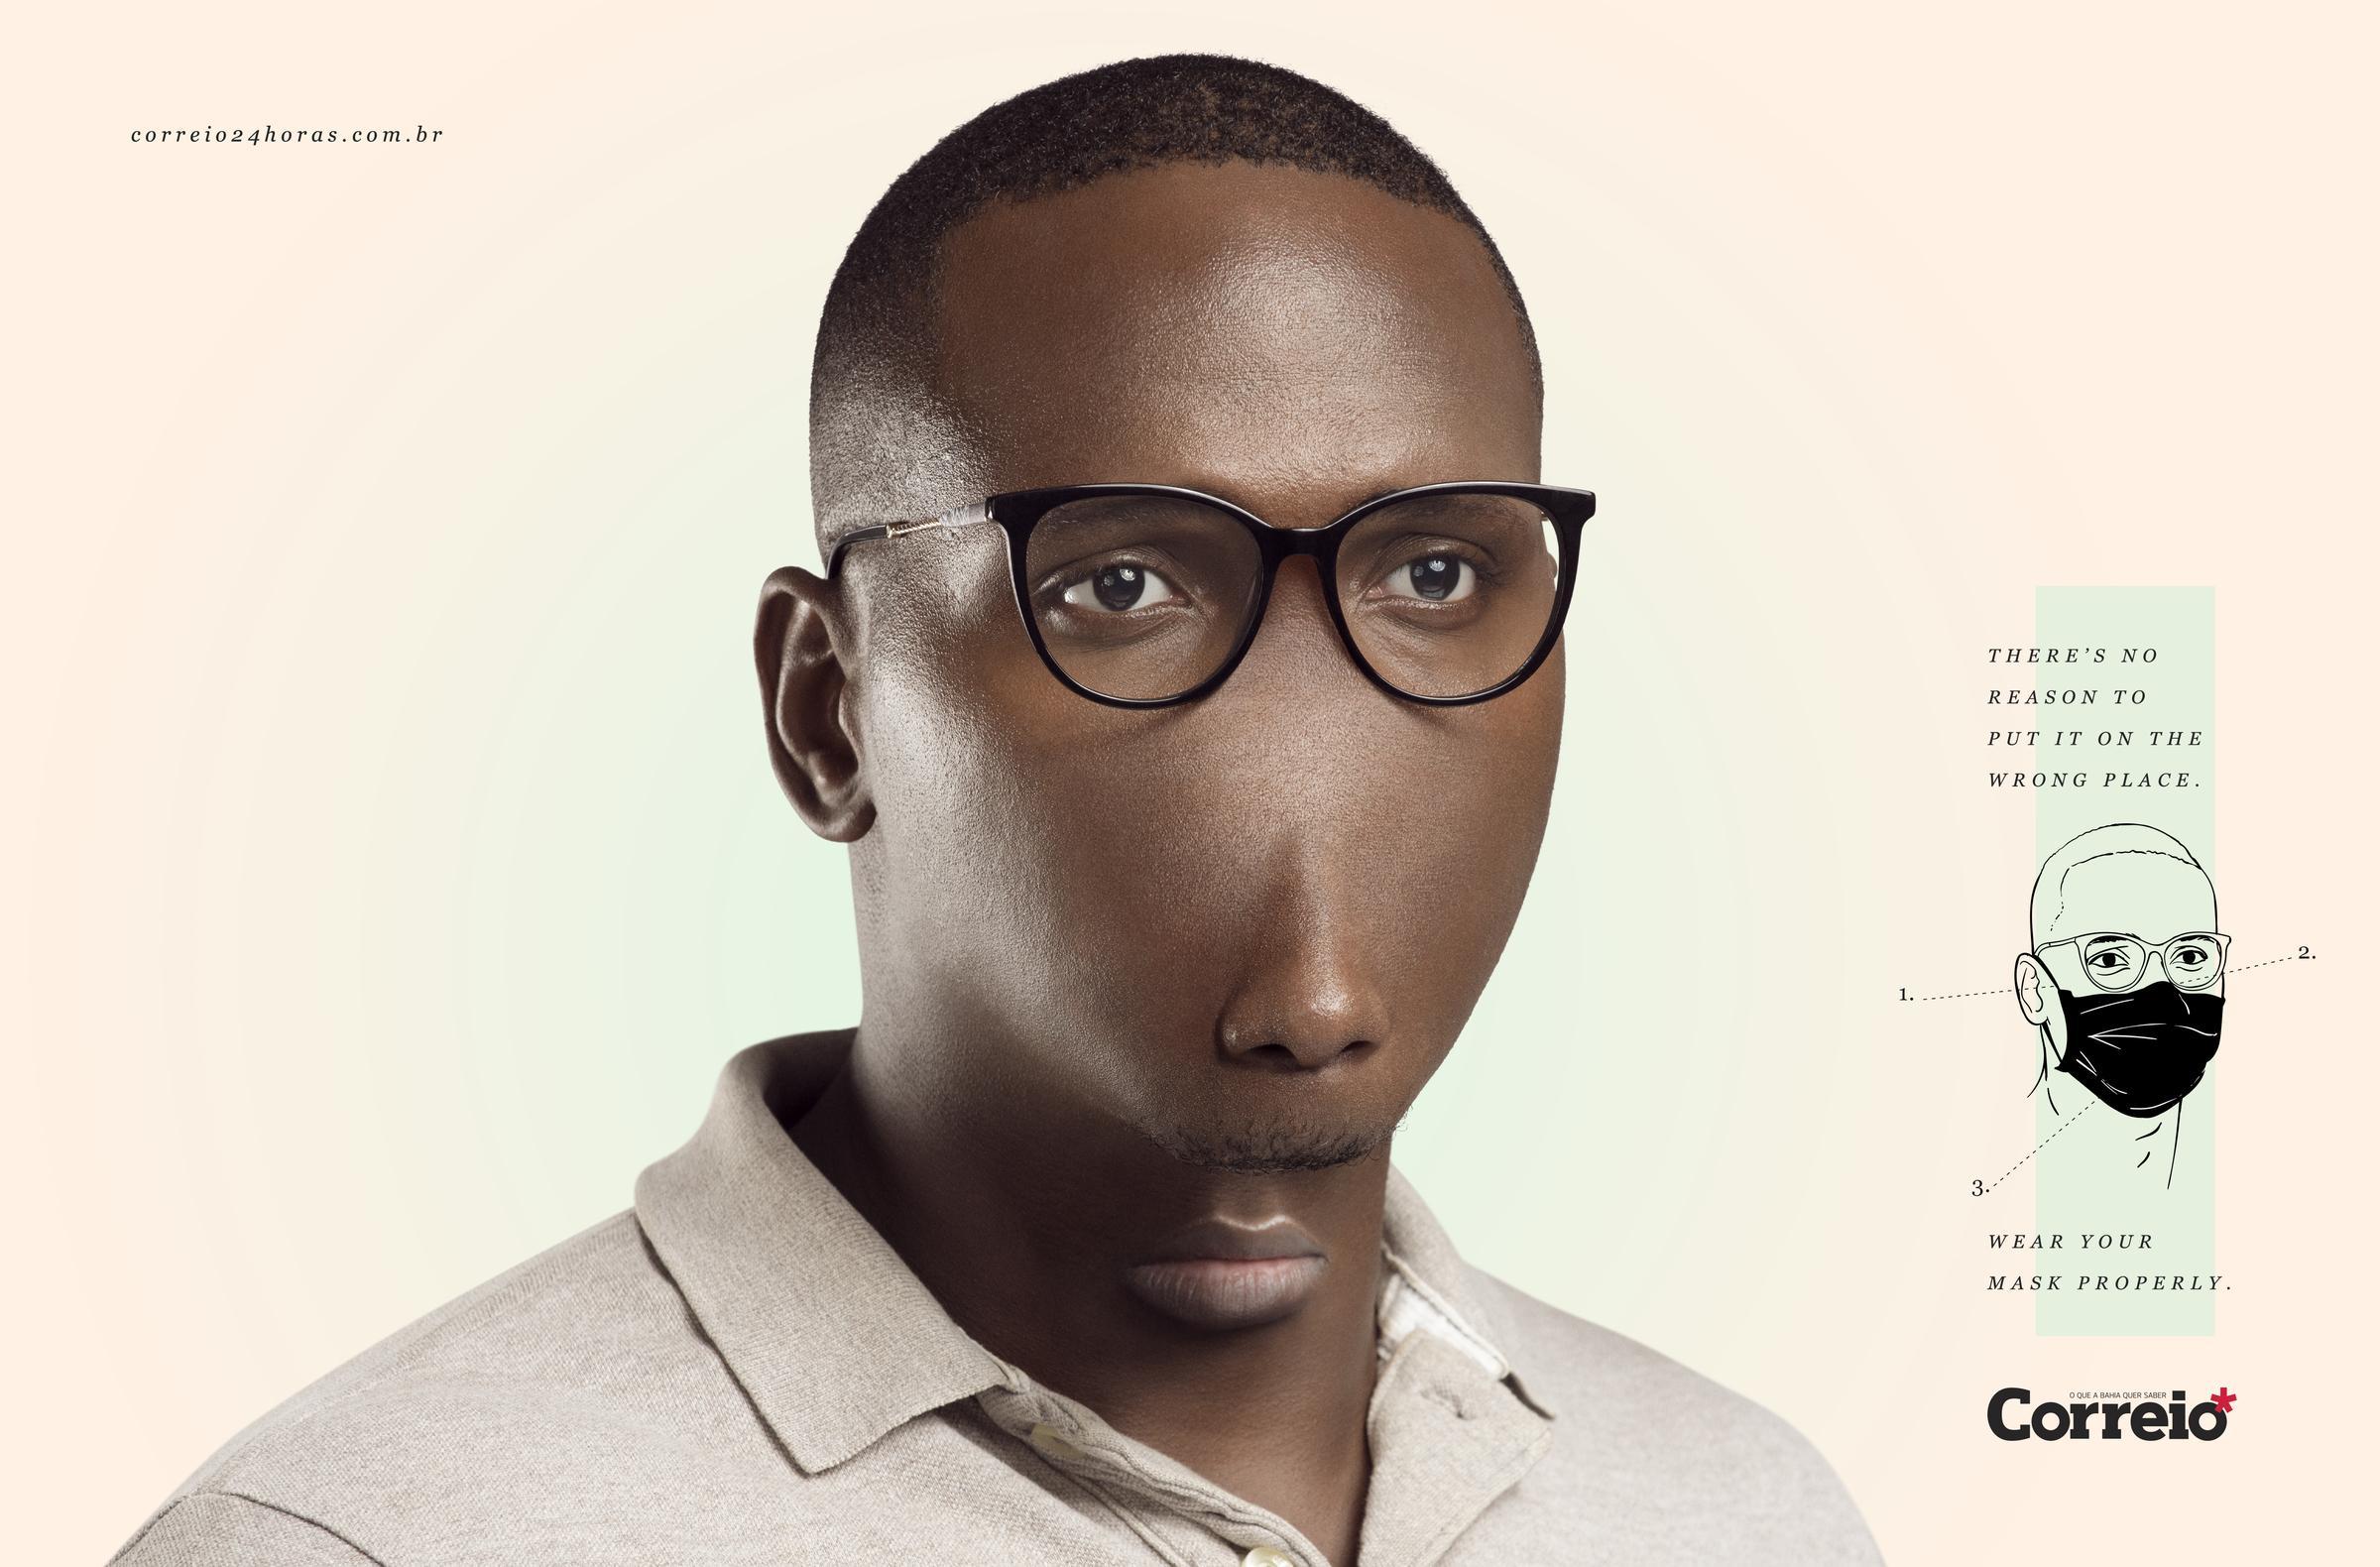 ФОТОФАКТ: социальная реклама в Бразилии метко высмеяла людей, которые носят маску на подбородке - фото 3